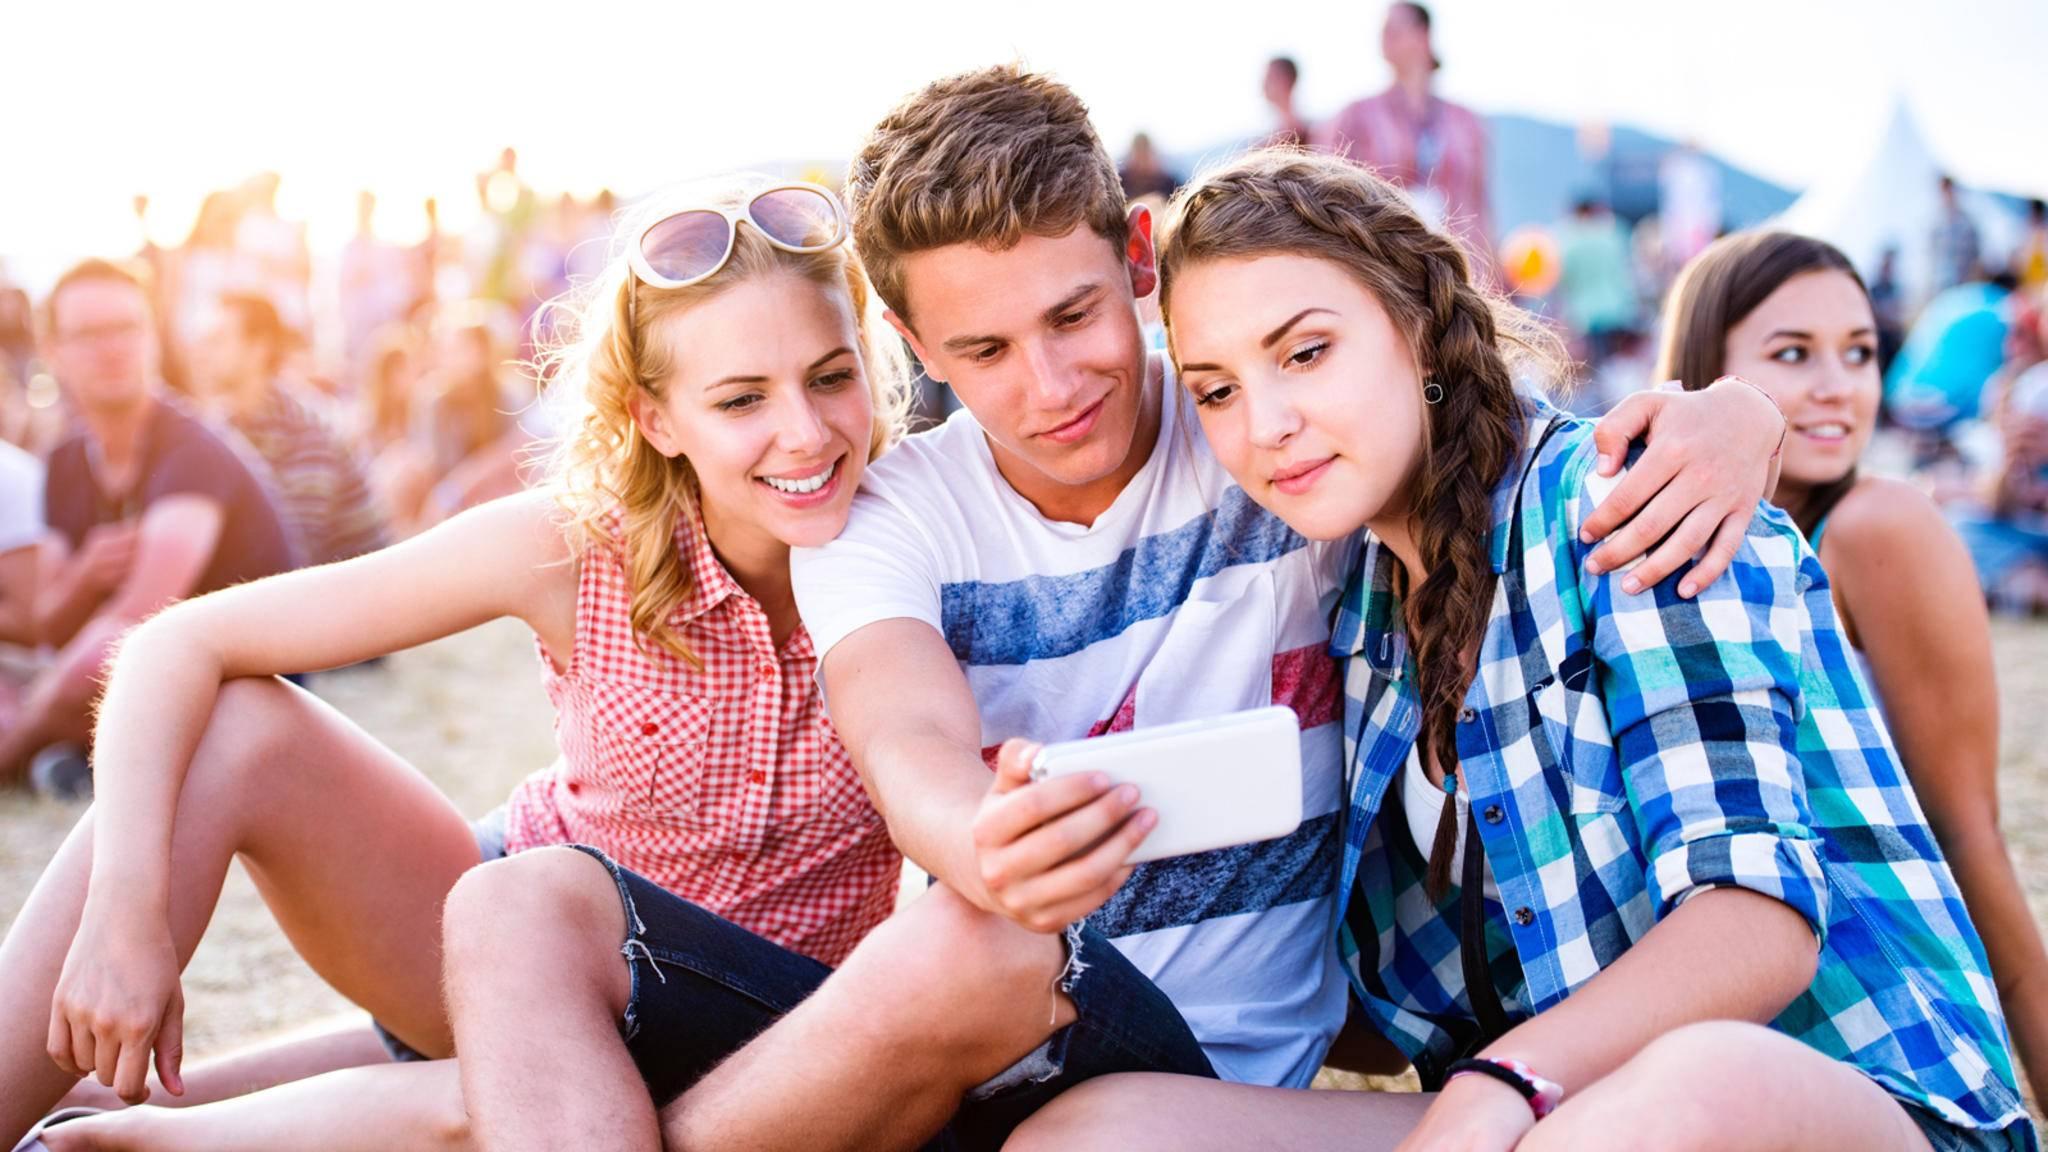 Mit den richtigen Apps macht ein Festival noch mehr Spaß.